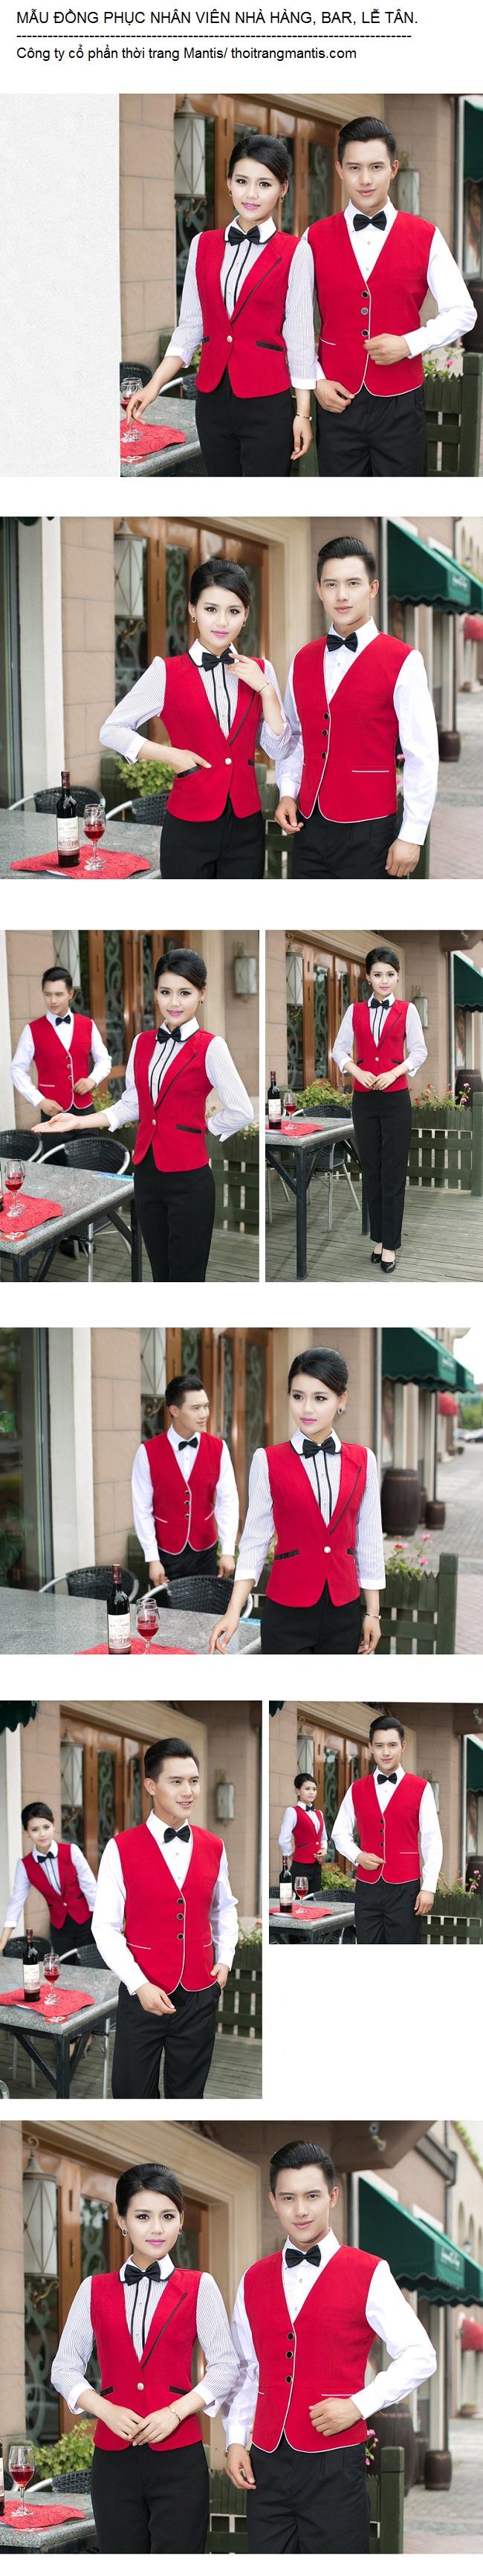 Hình ảnh mẫu gile cho nhân viên nhà hàng khách sạn. Ảnh 1